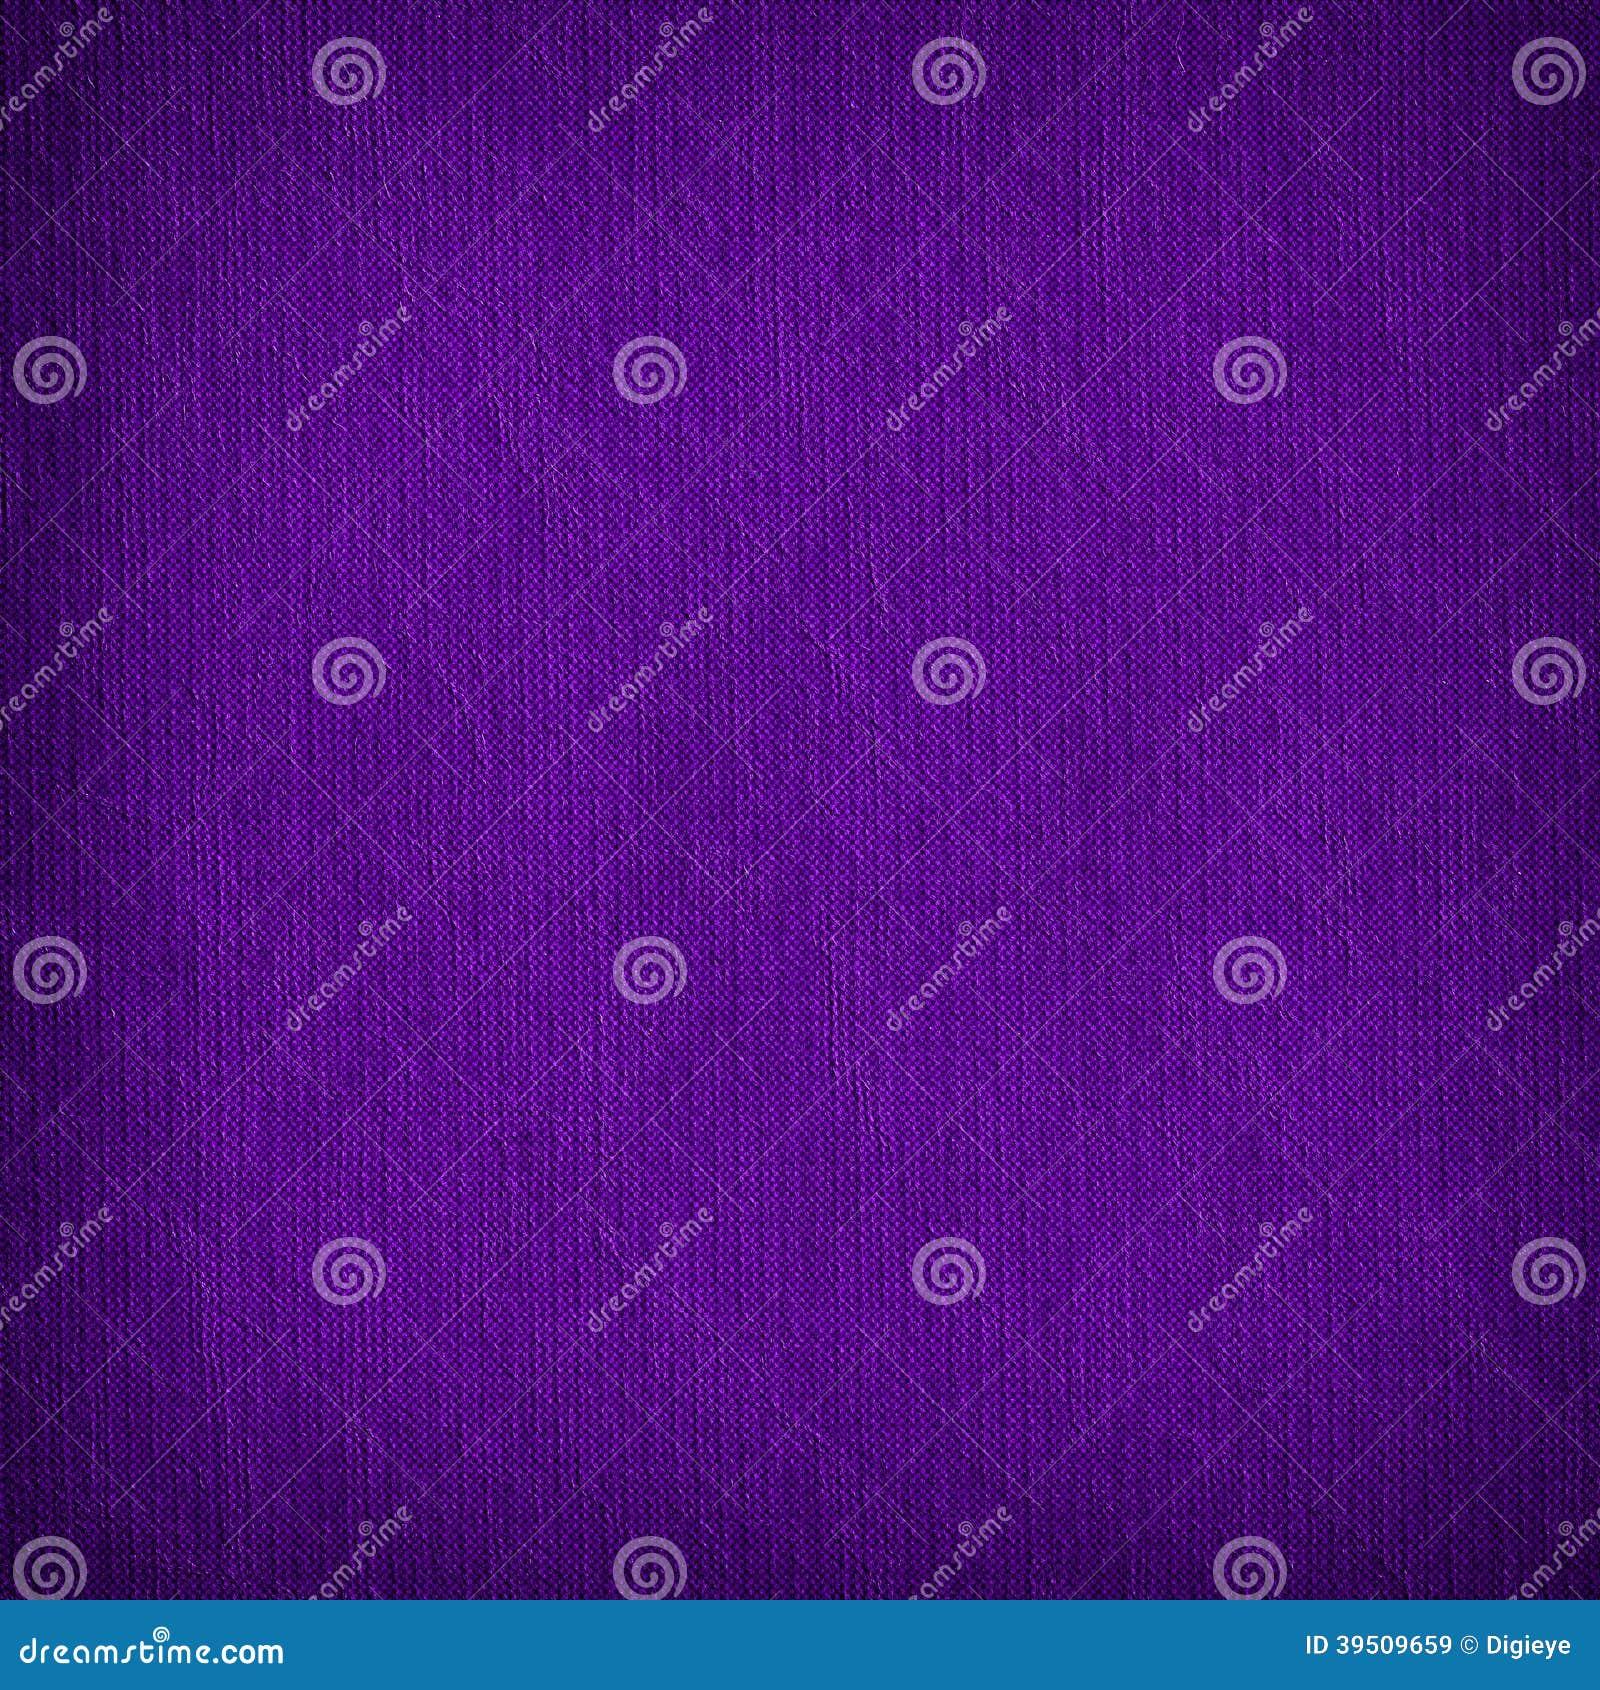 Grunge patterned background